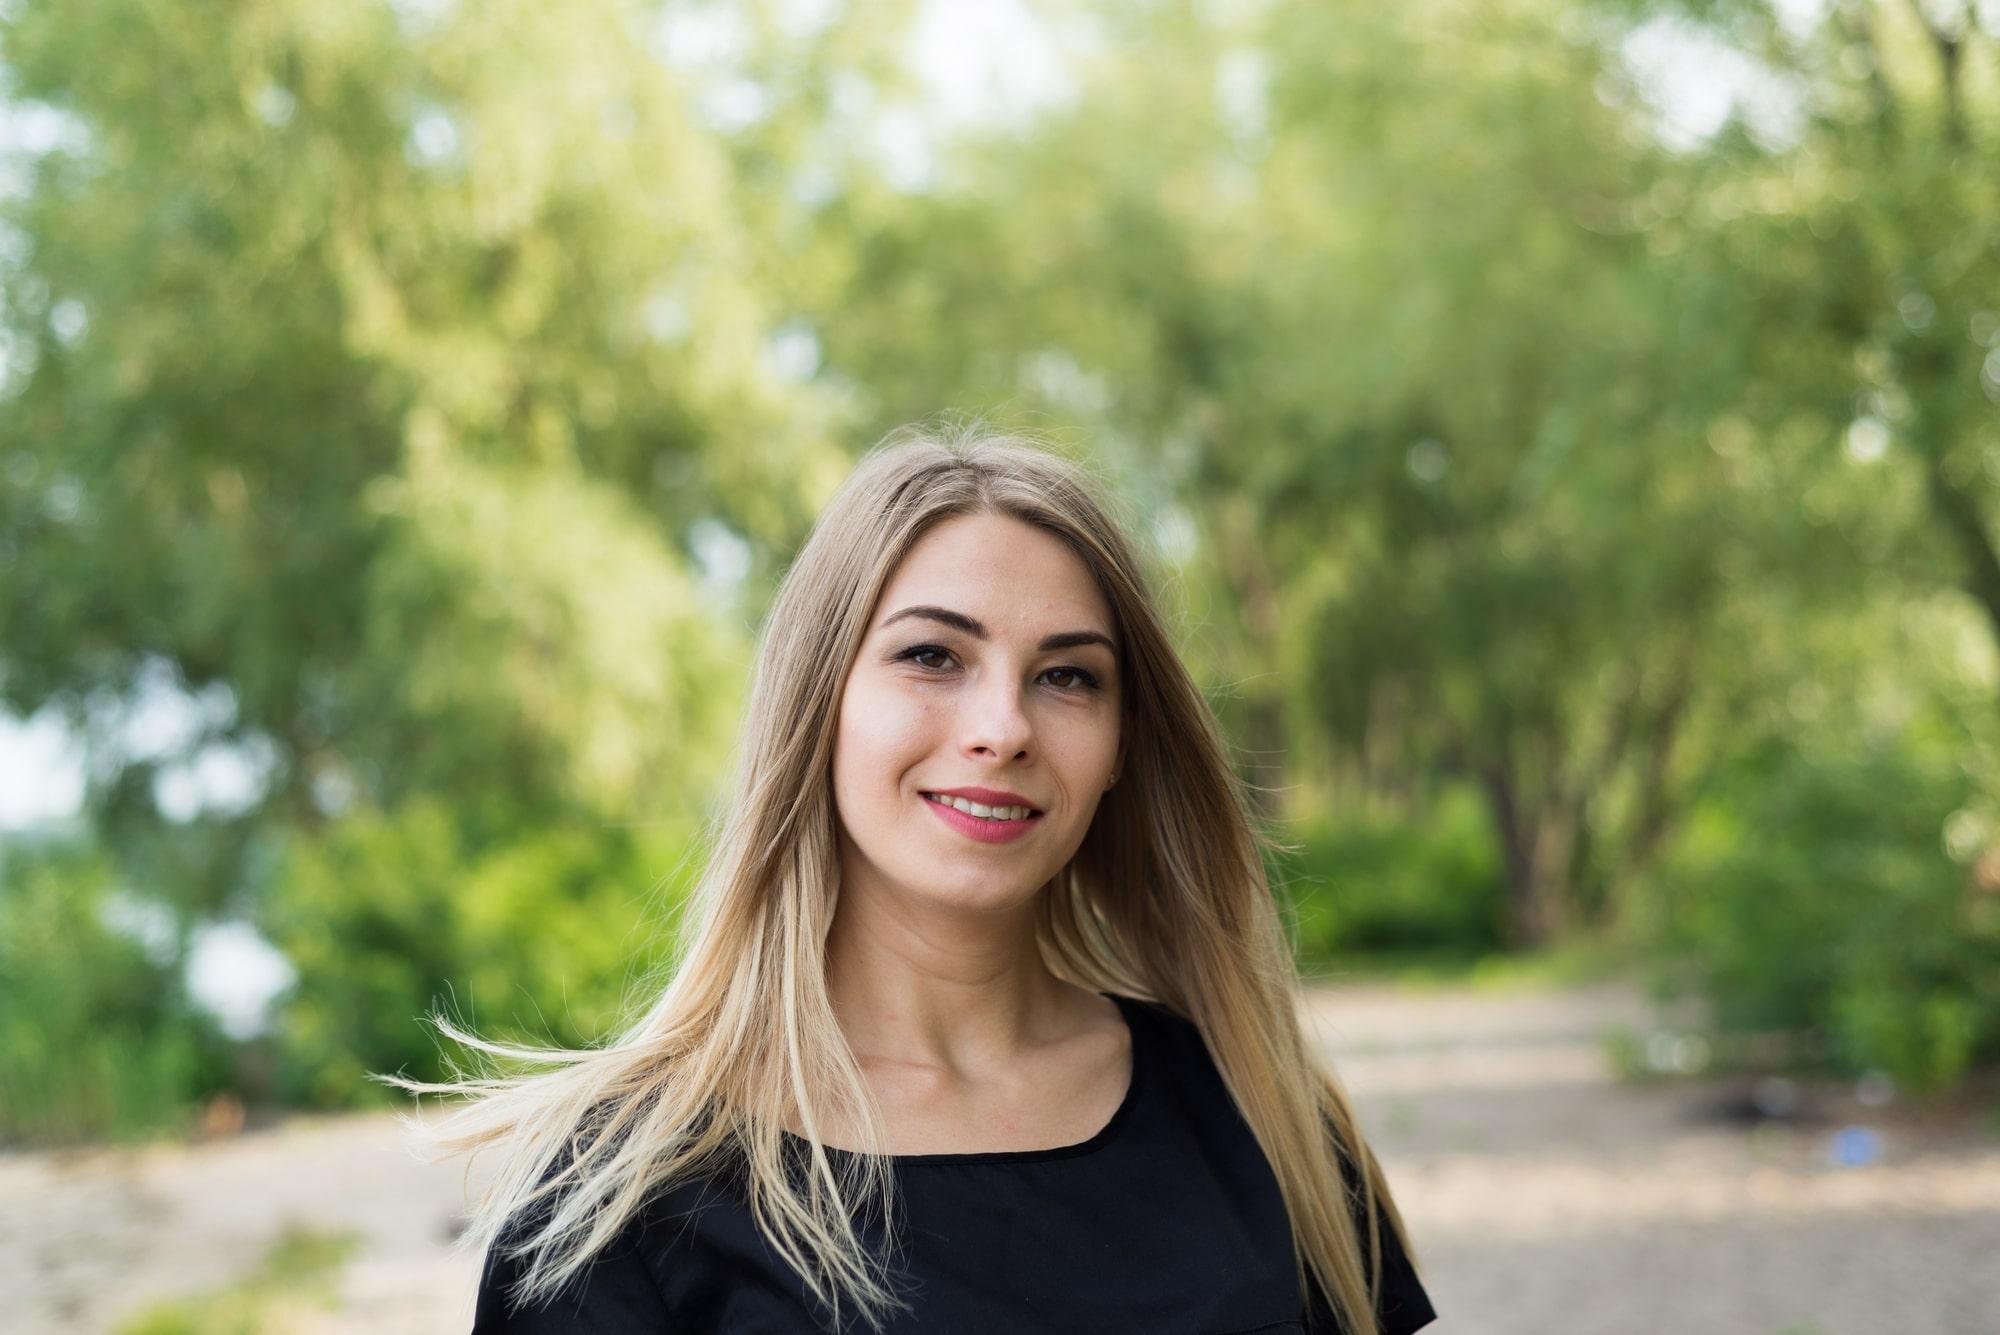 Фотосессия Love Story в Киеве - фото красивой девушки летом